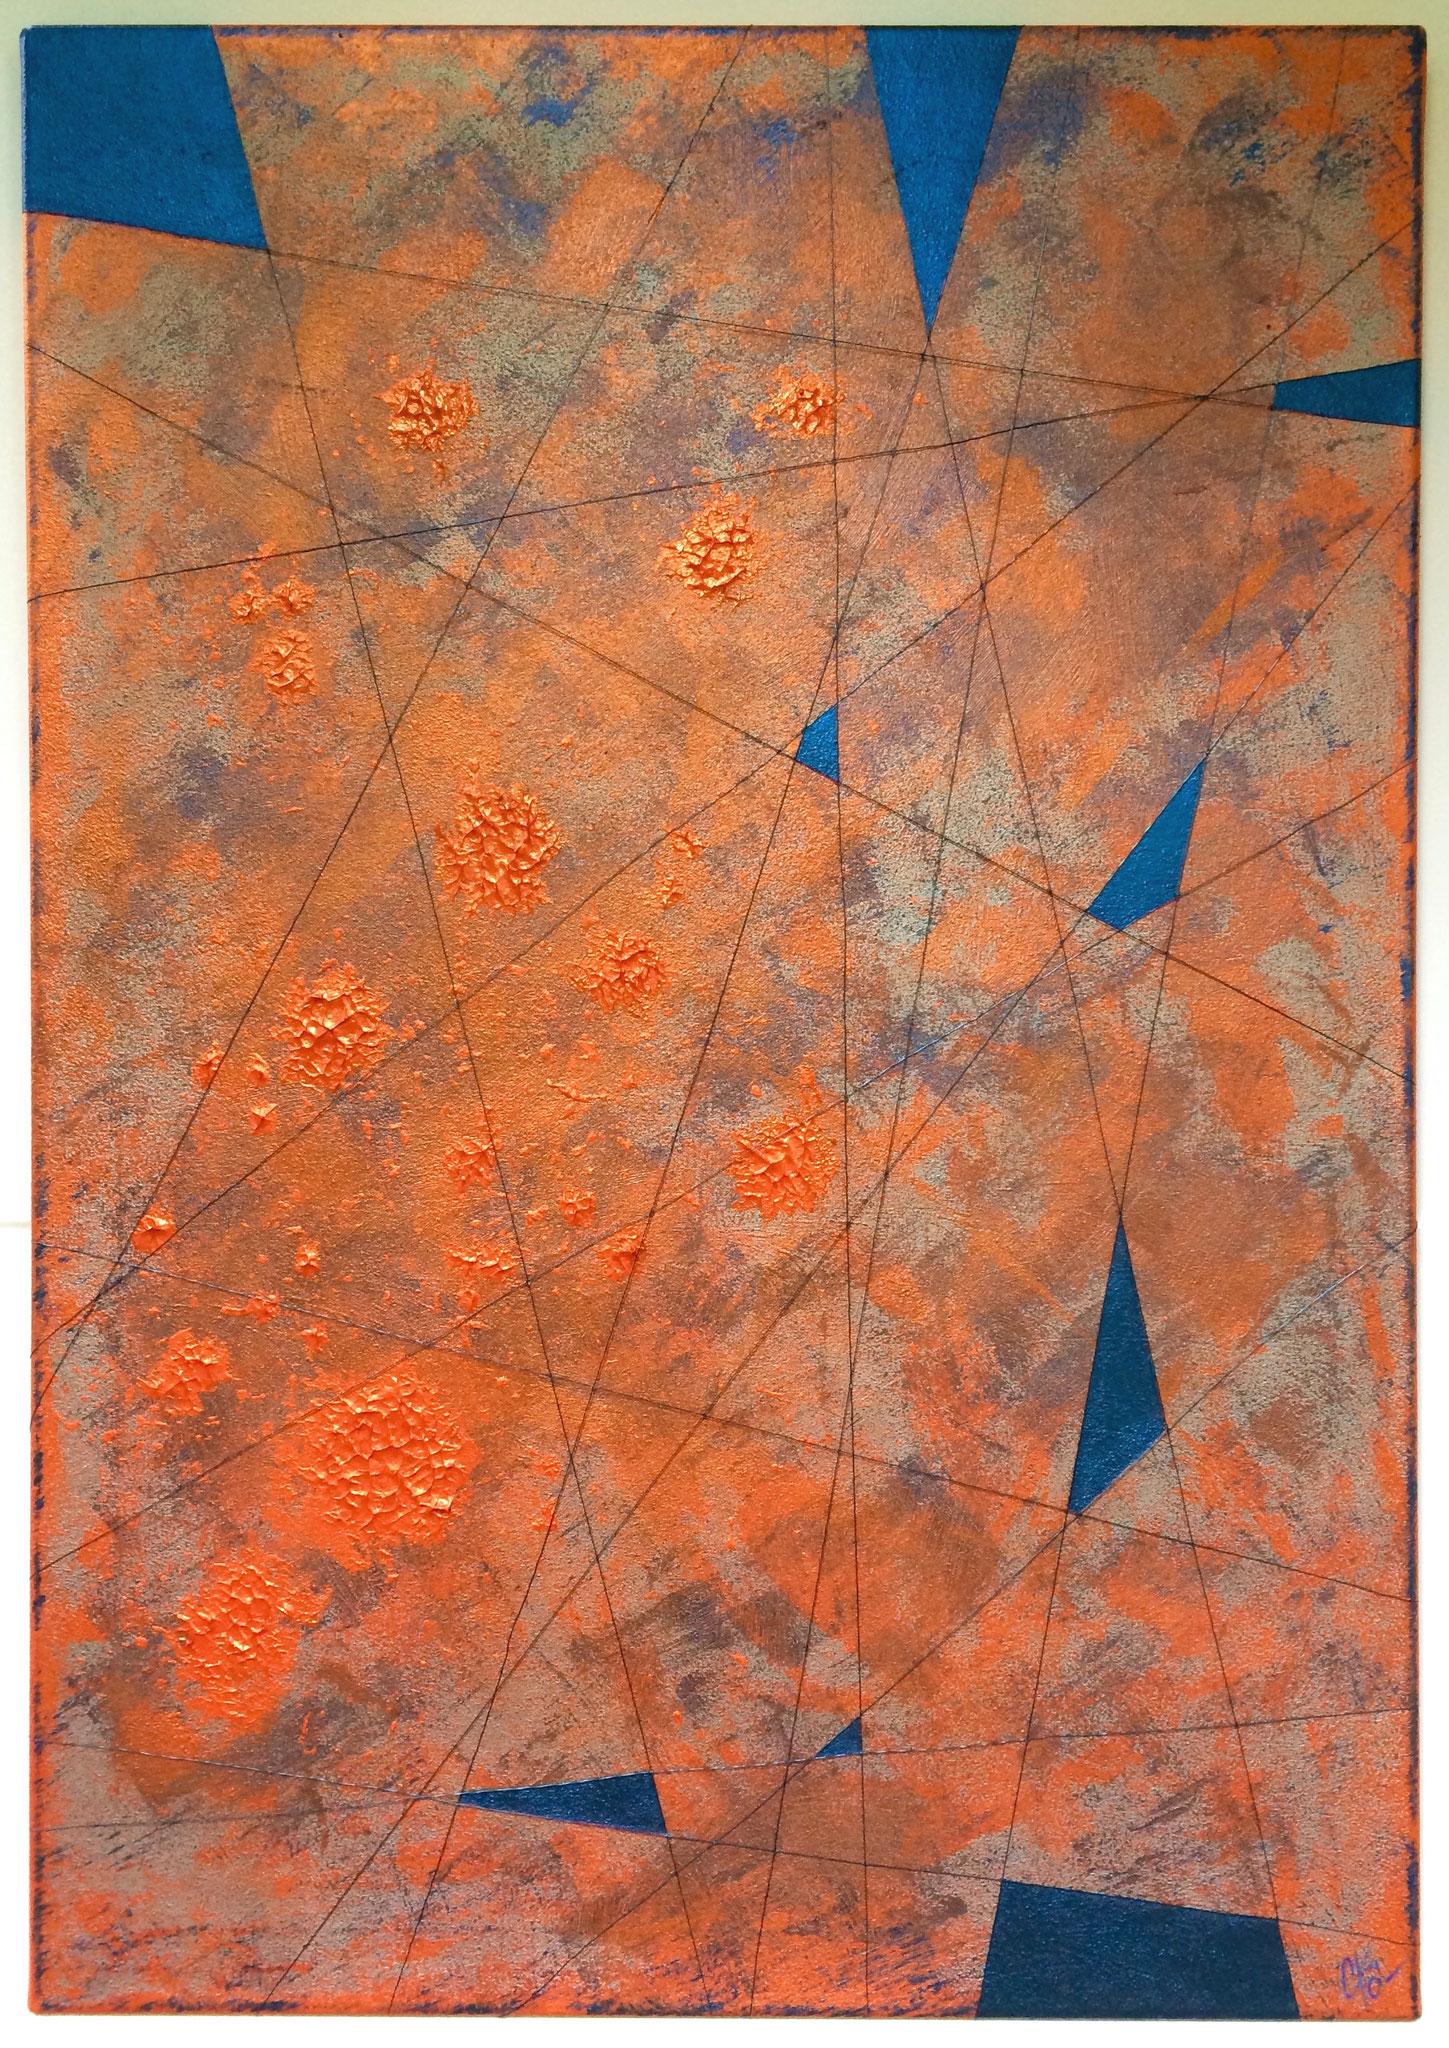 Etincelles - 70 x 100 cm